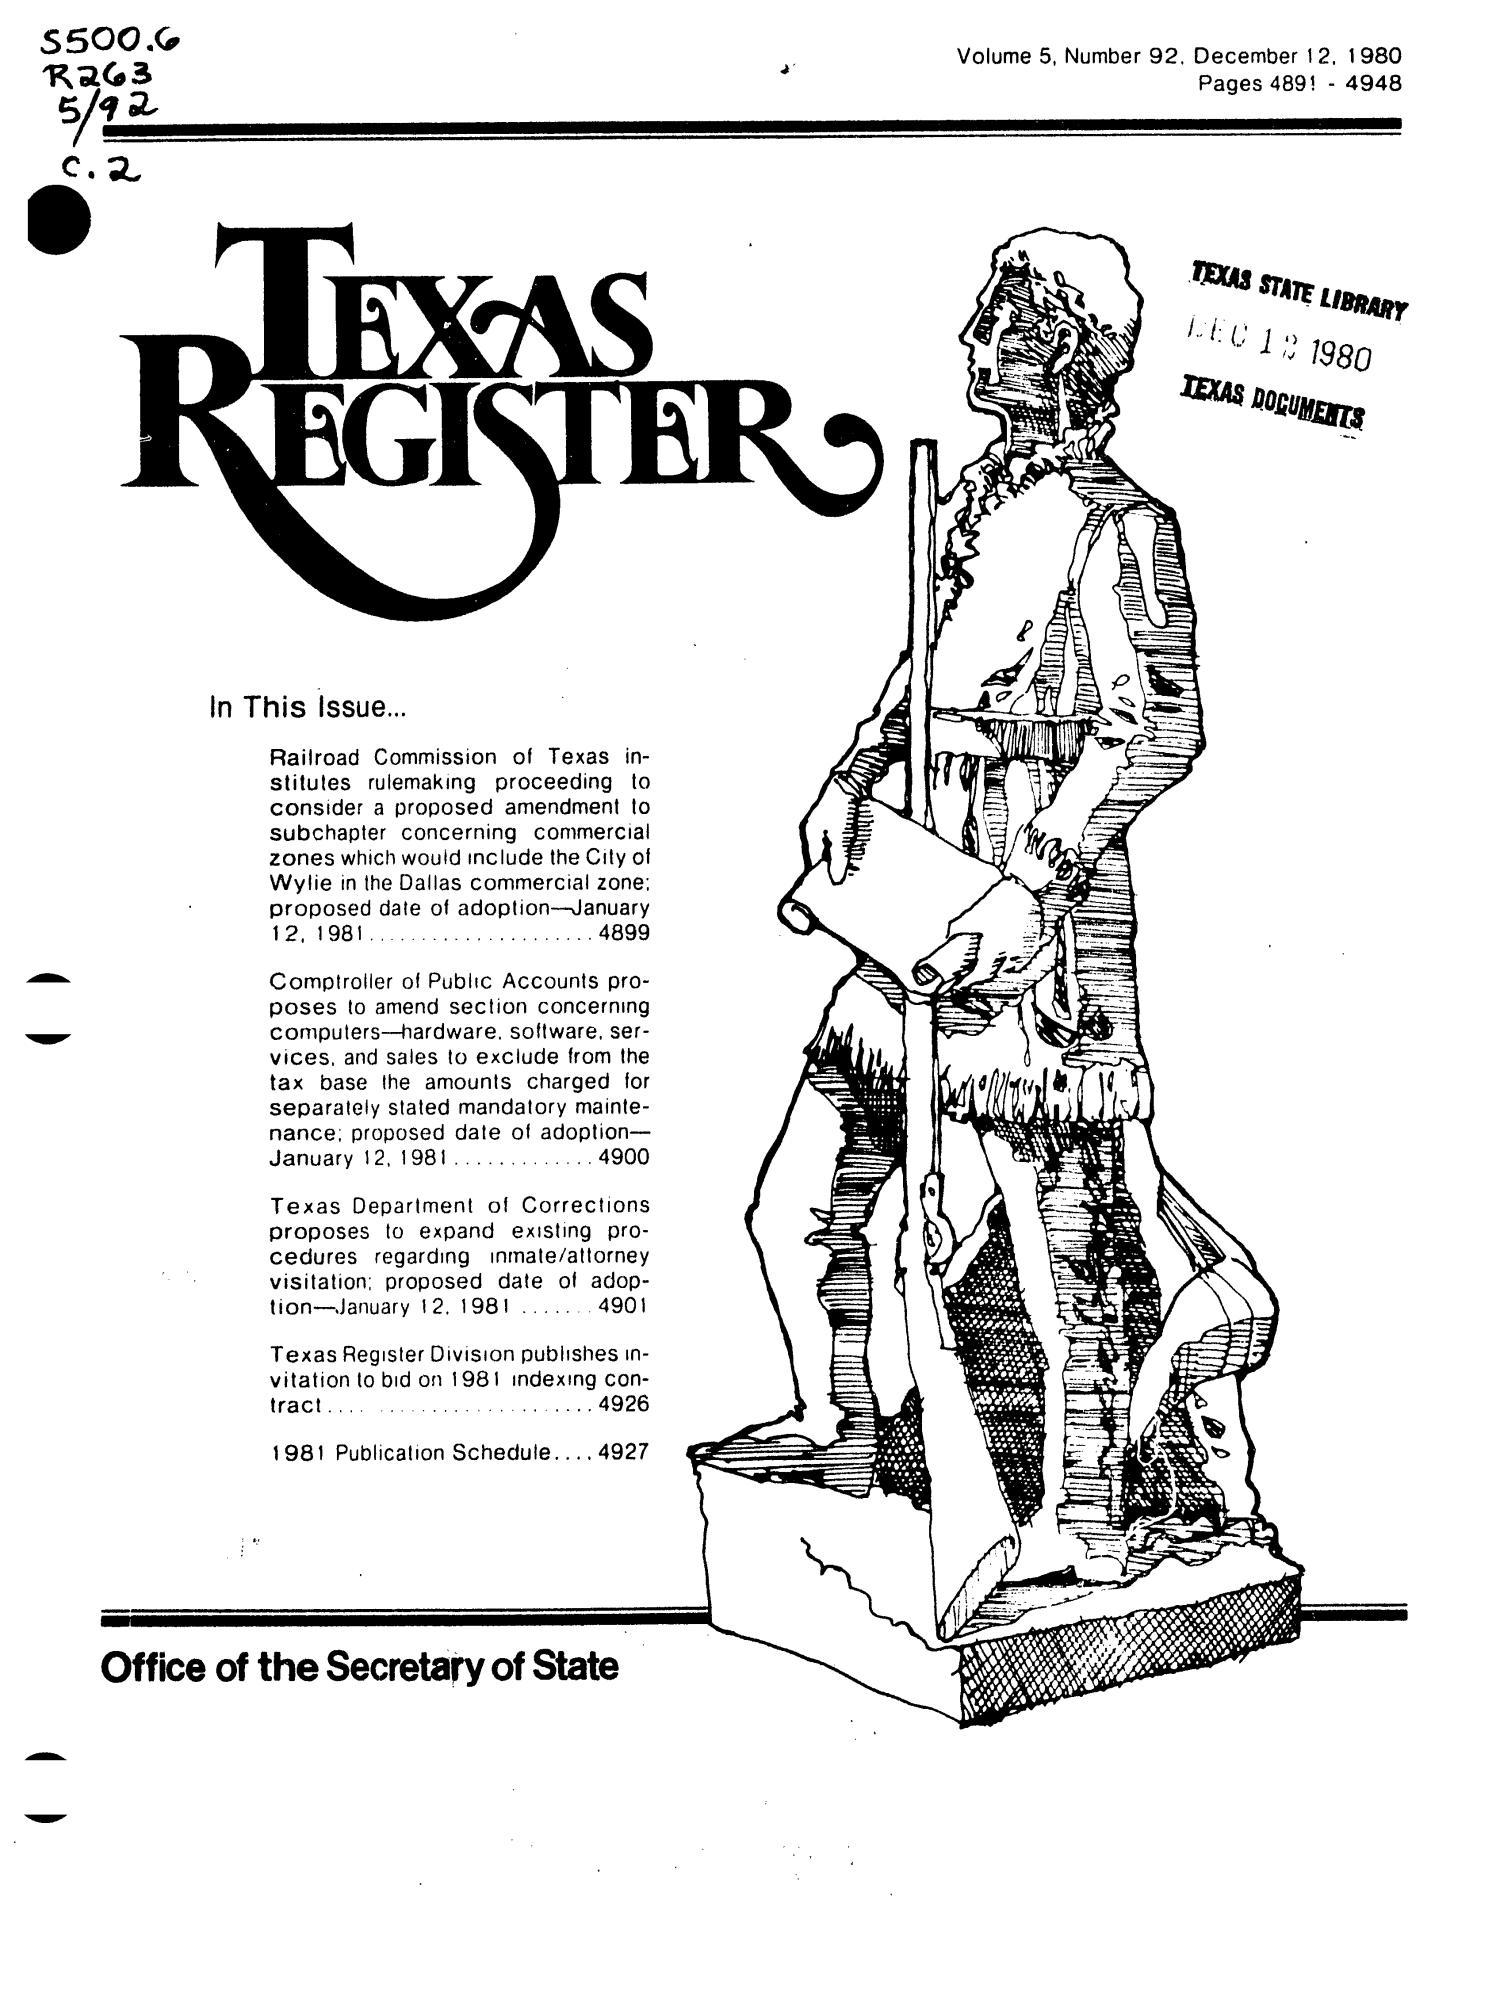 Texas Register, Volume 5, Number 92, Pages 4891-4948, December 12